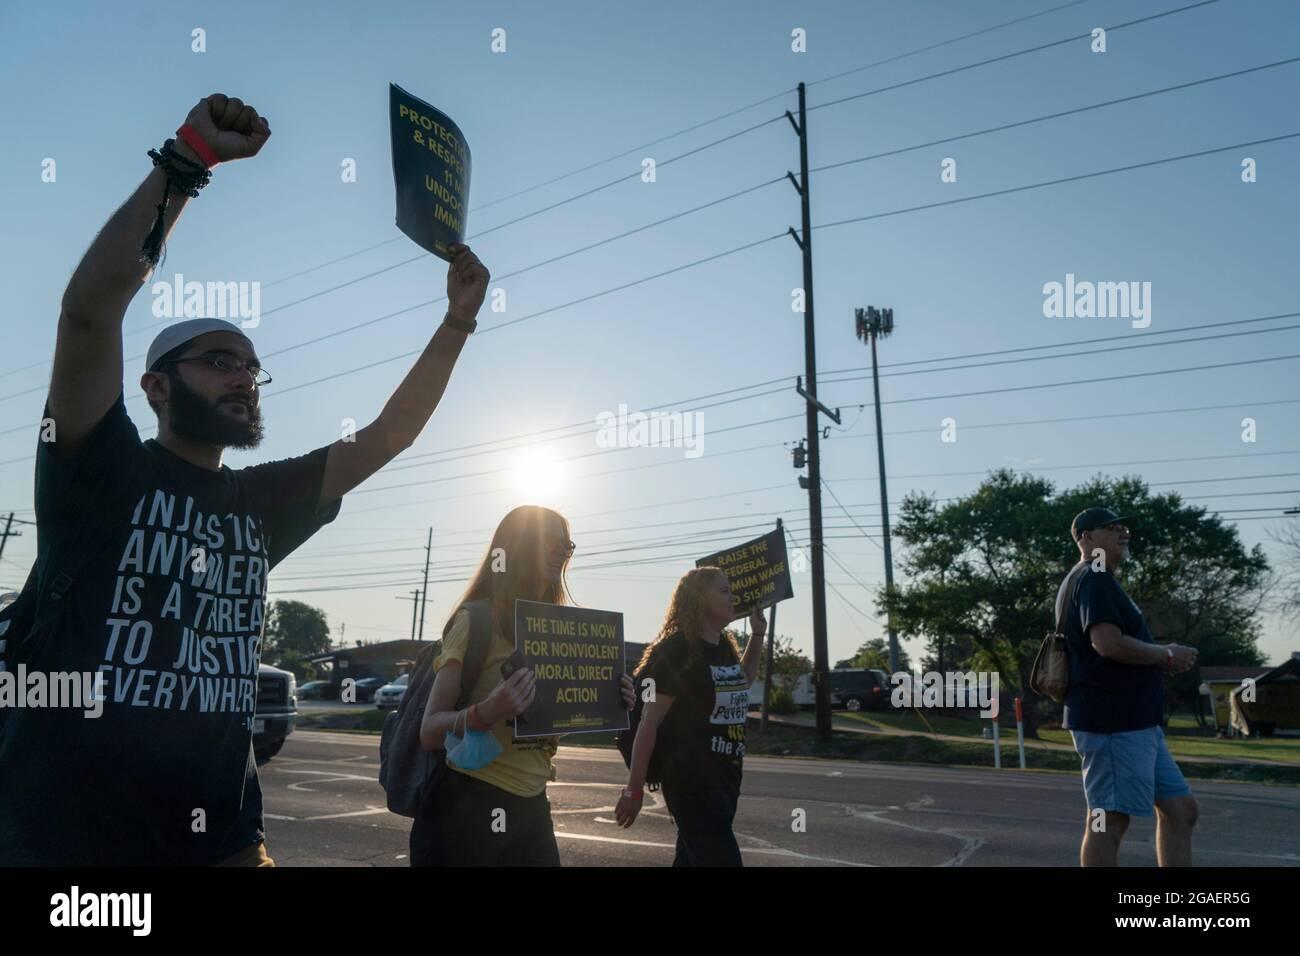 Austin, Texas USA, le 30 juillet 2021 : les militants des droits de vote marchent le long d'une voie de desserte autoroutière vers le capitole du Texas depuis le nord d'Austin le troisième jour d'un voyage de 30 miles protestant contre les efforts républicains pour supprimer les votes dans tout le pays et au Texas. Des changements de marcheurs se font échanger dans un effort pour lutter contre la chaleur oppressive du Texas. Crédit : Bob Daemmrich/Alay Live News Banque D'Images